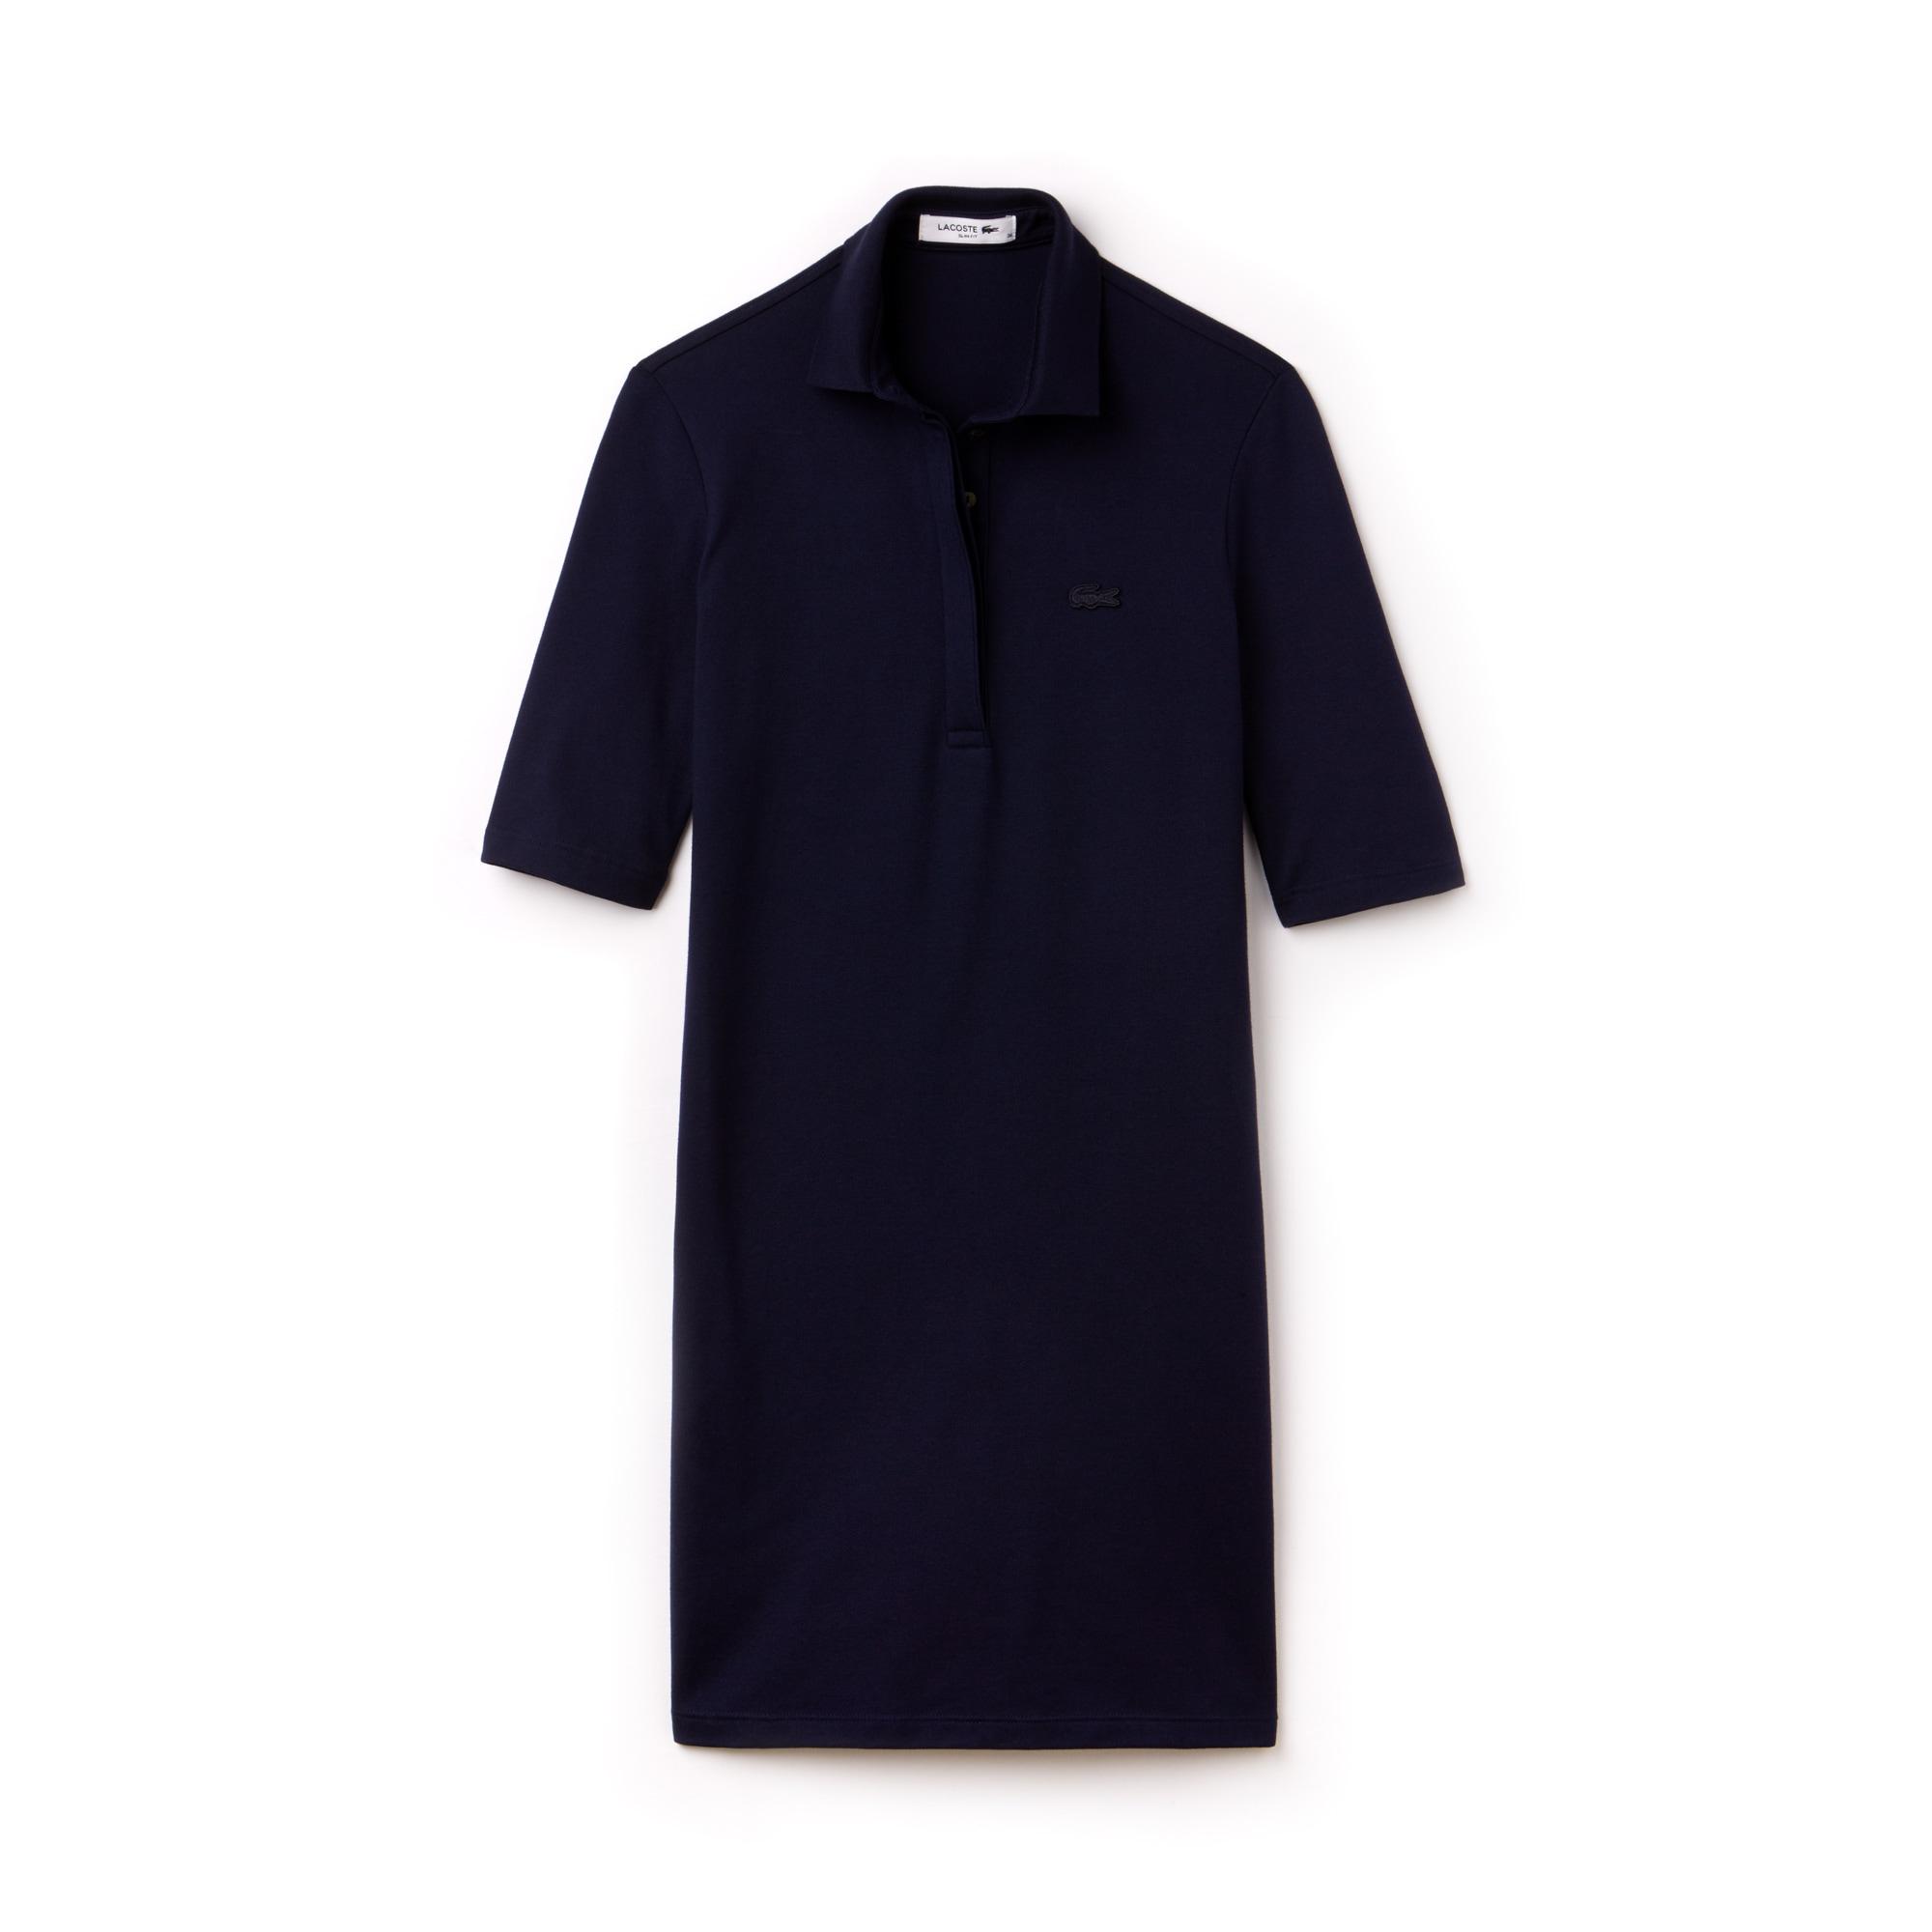 Lacoste - Slim Fit Damen-Polokleid aus Mini-Piqué mit Stretch - 4